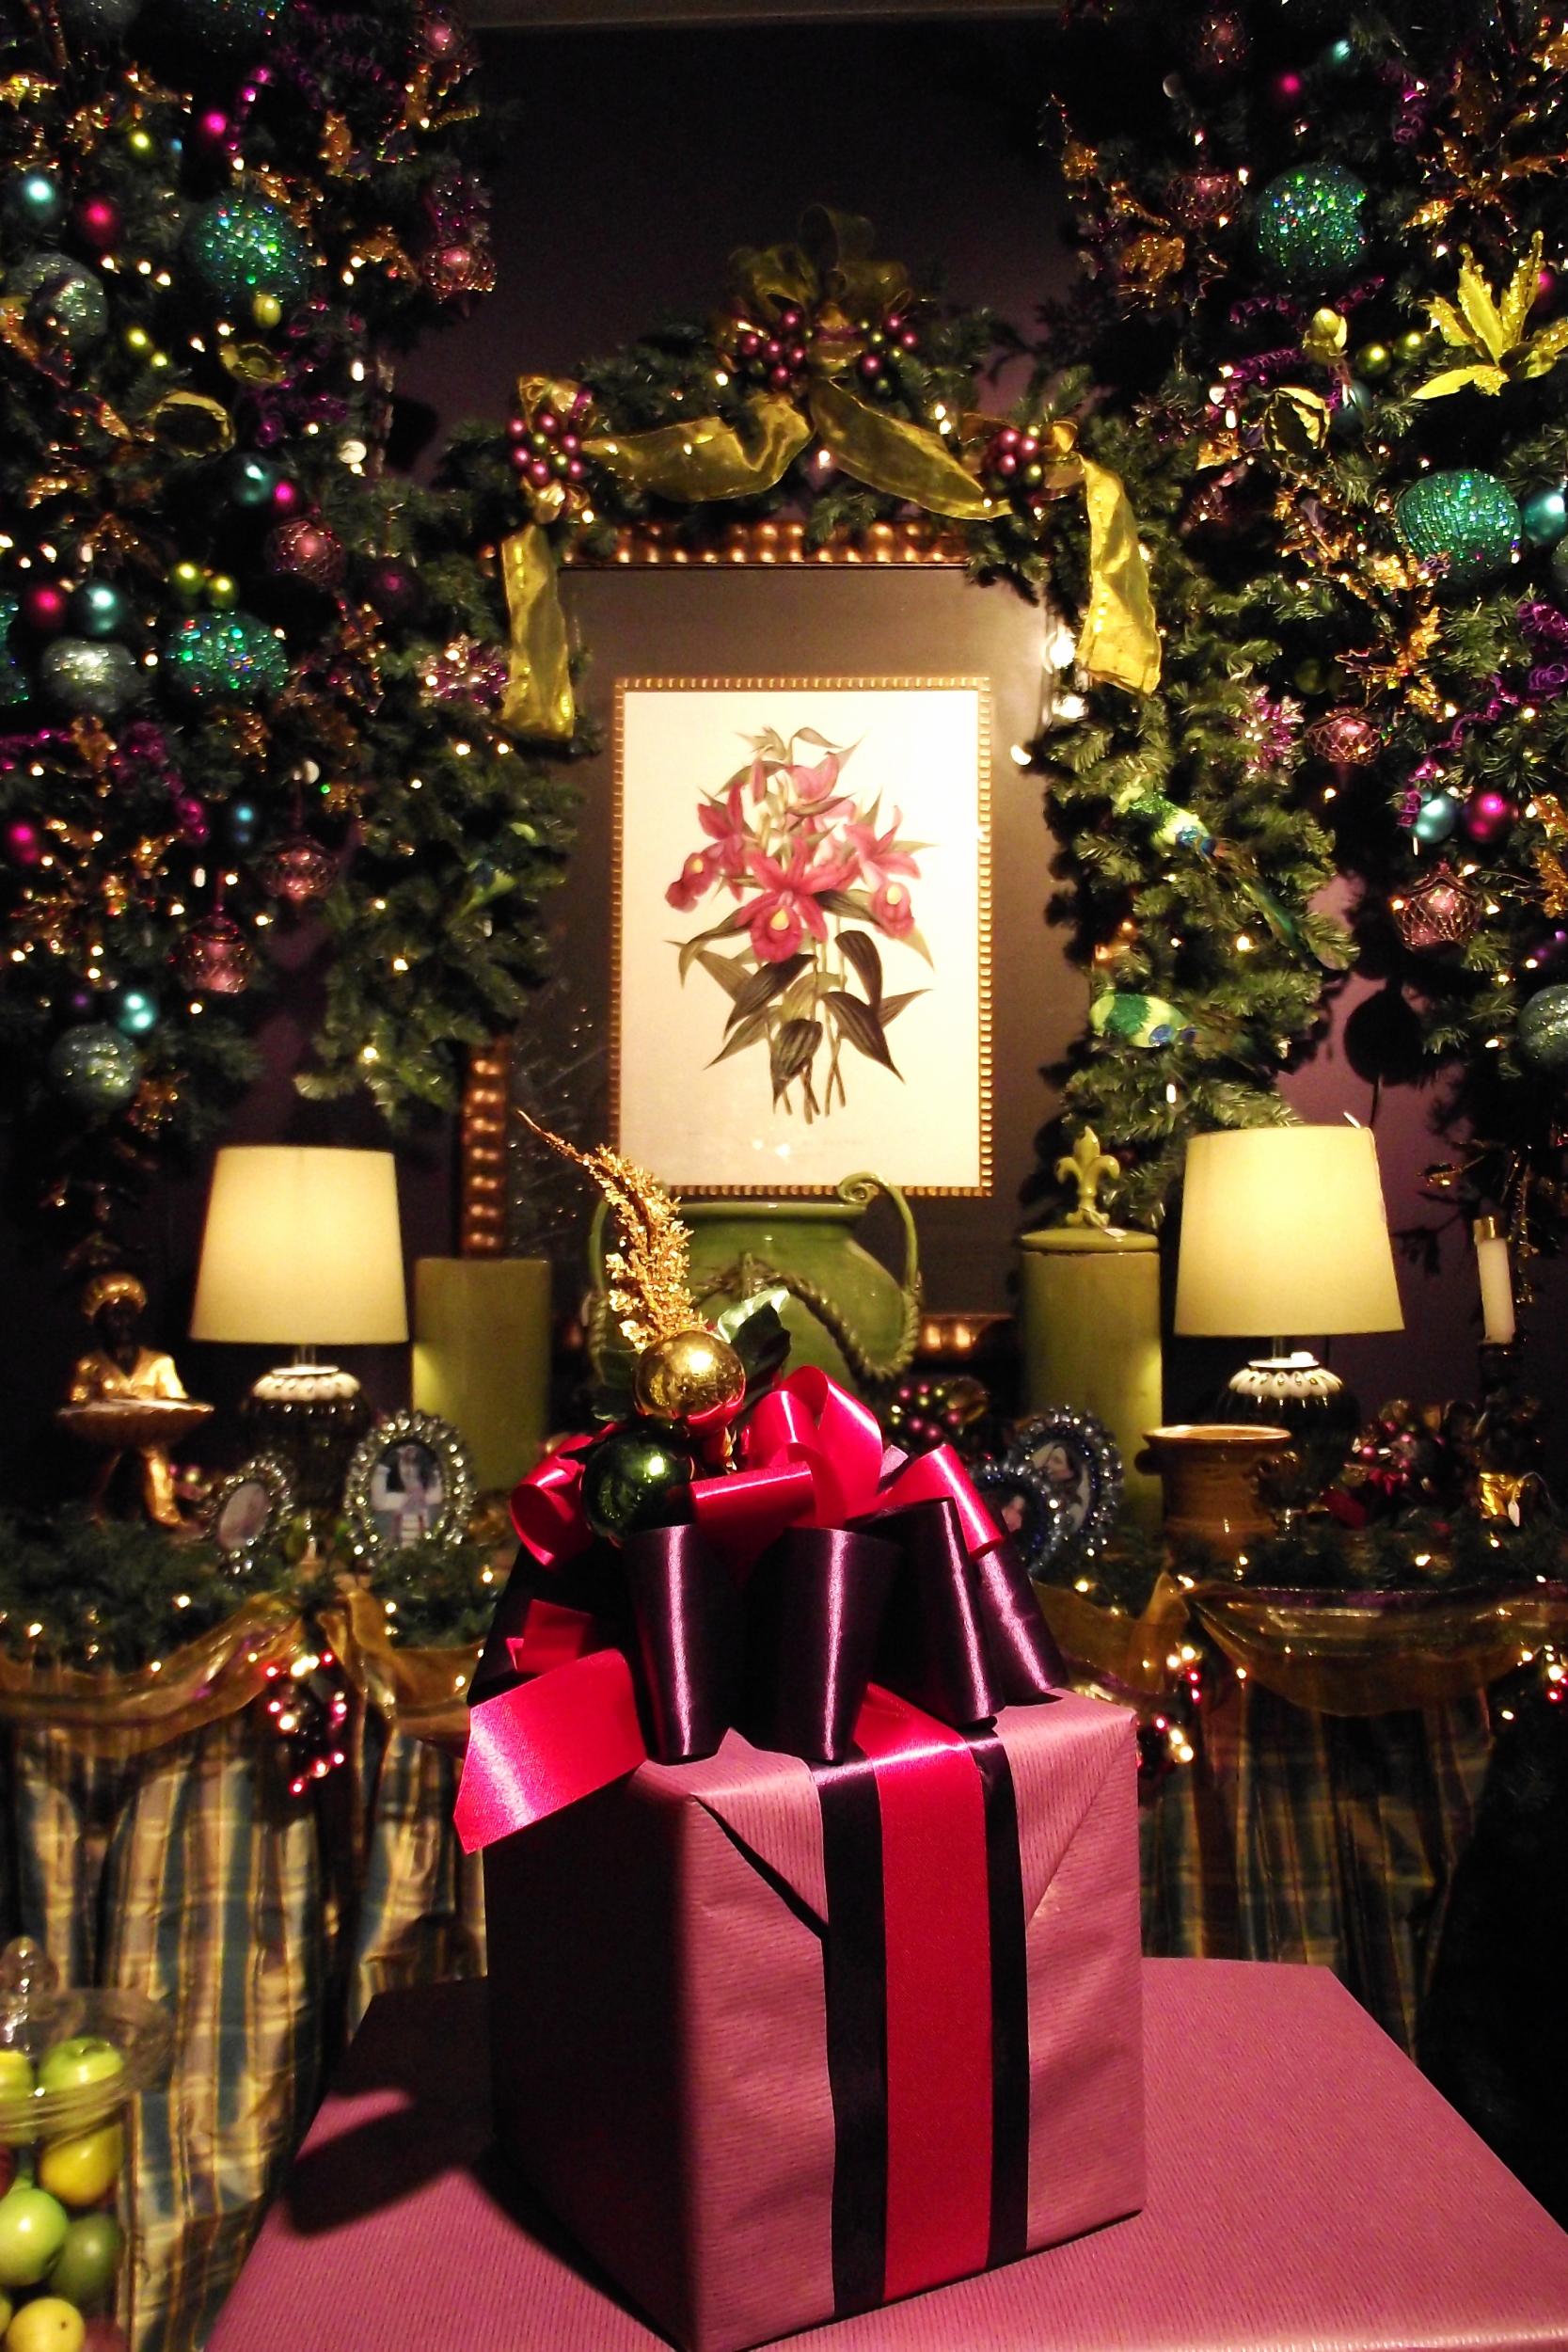 Our Original Gift wrap